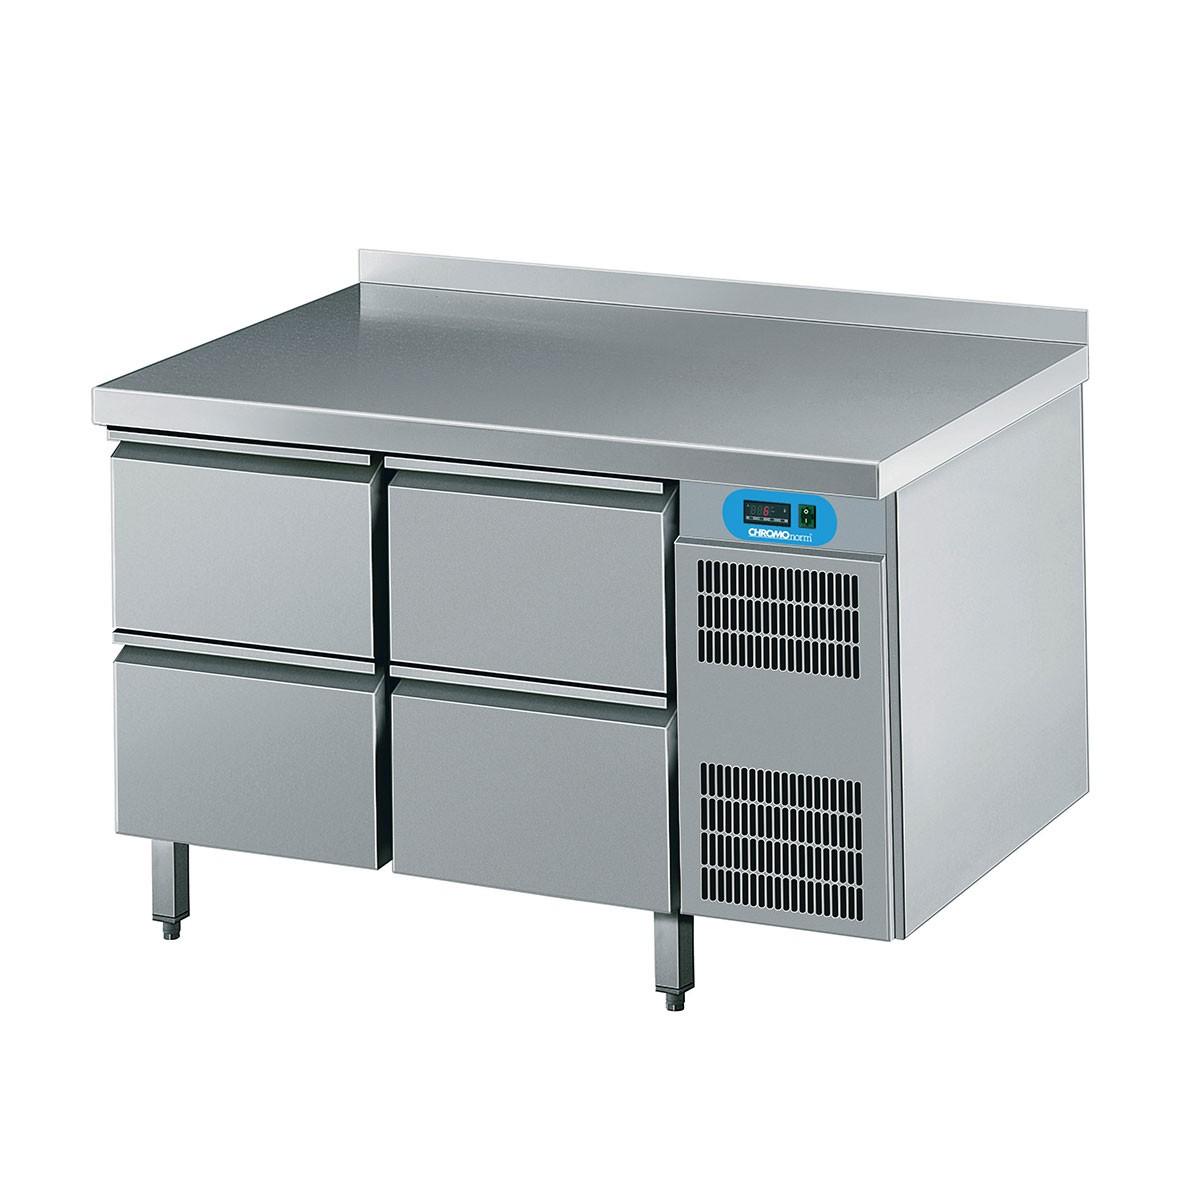 Kühltisch mit 4 Schubladen 1250 x 700mm CKTEK7211601-2/2 Chromonorm